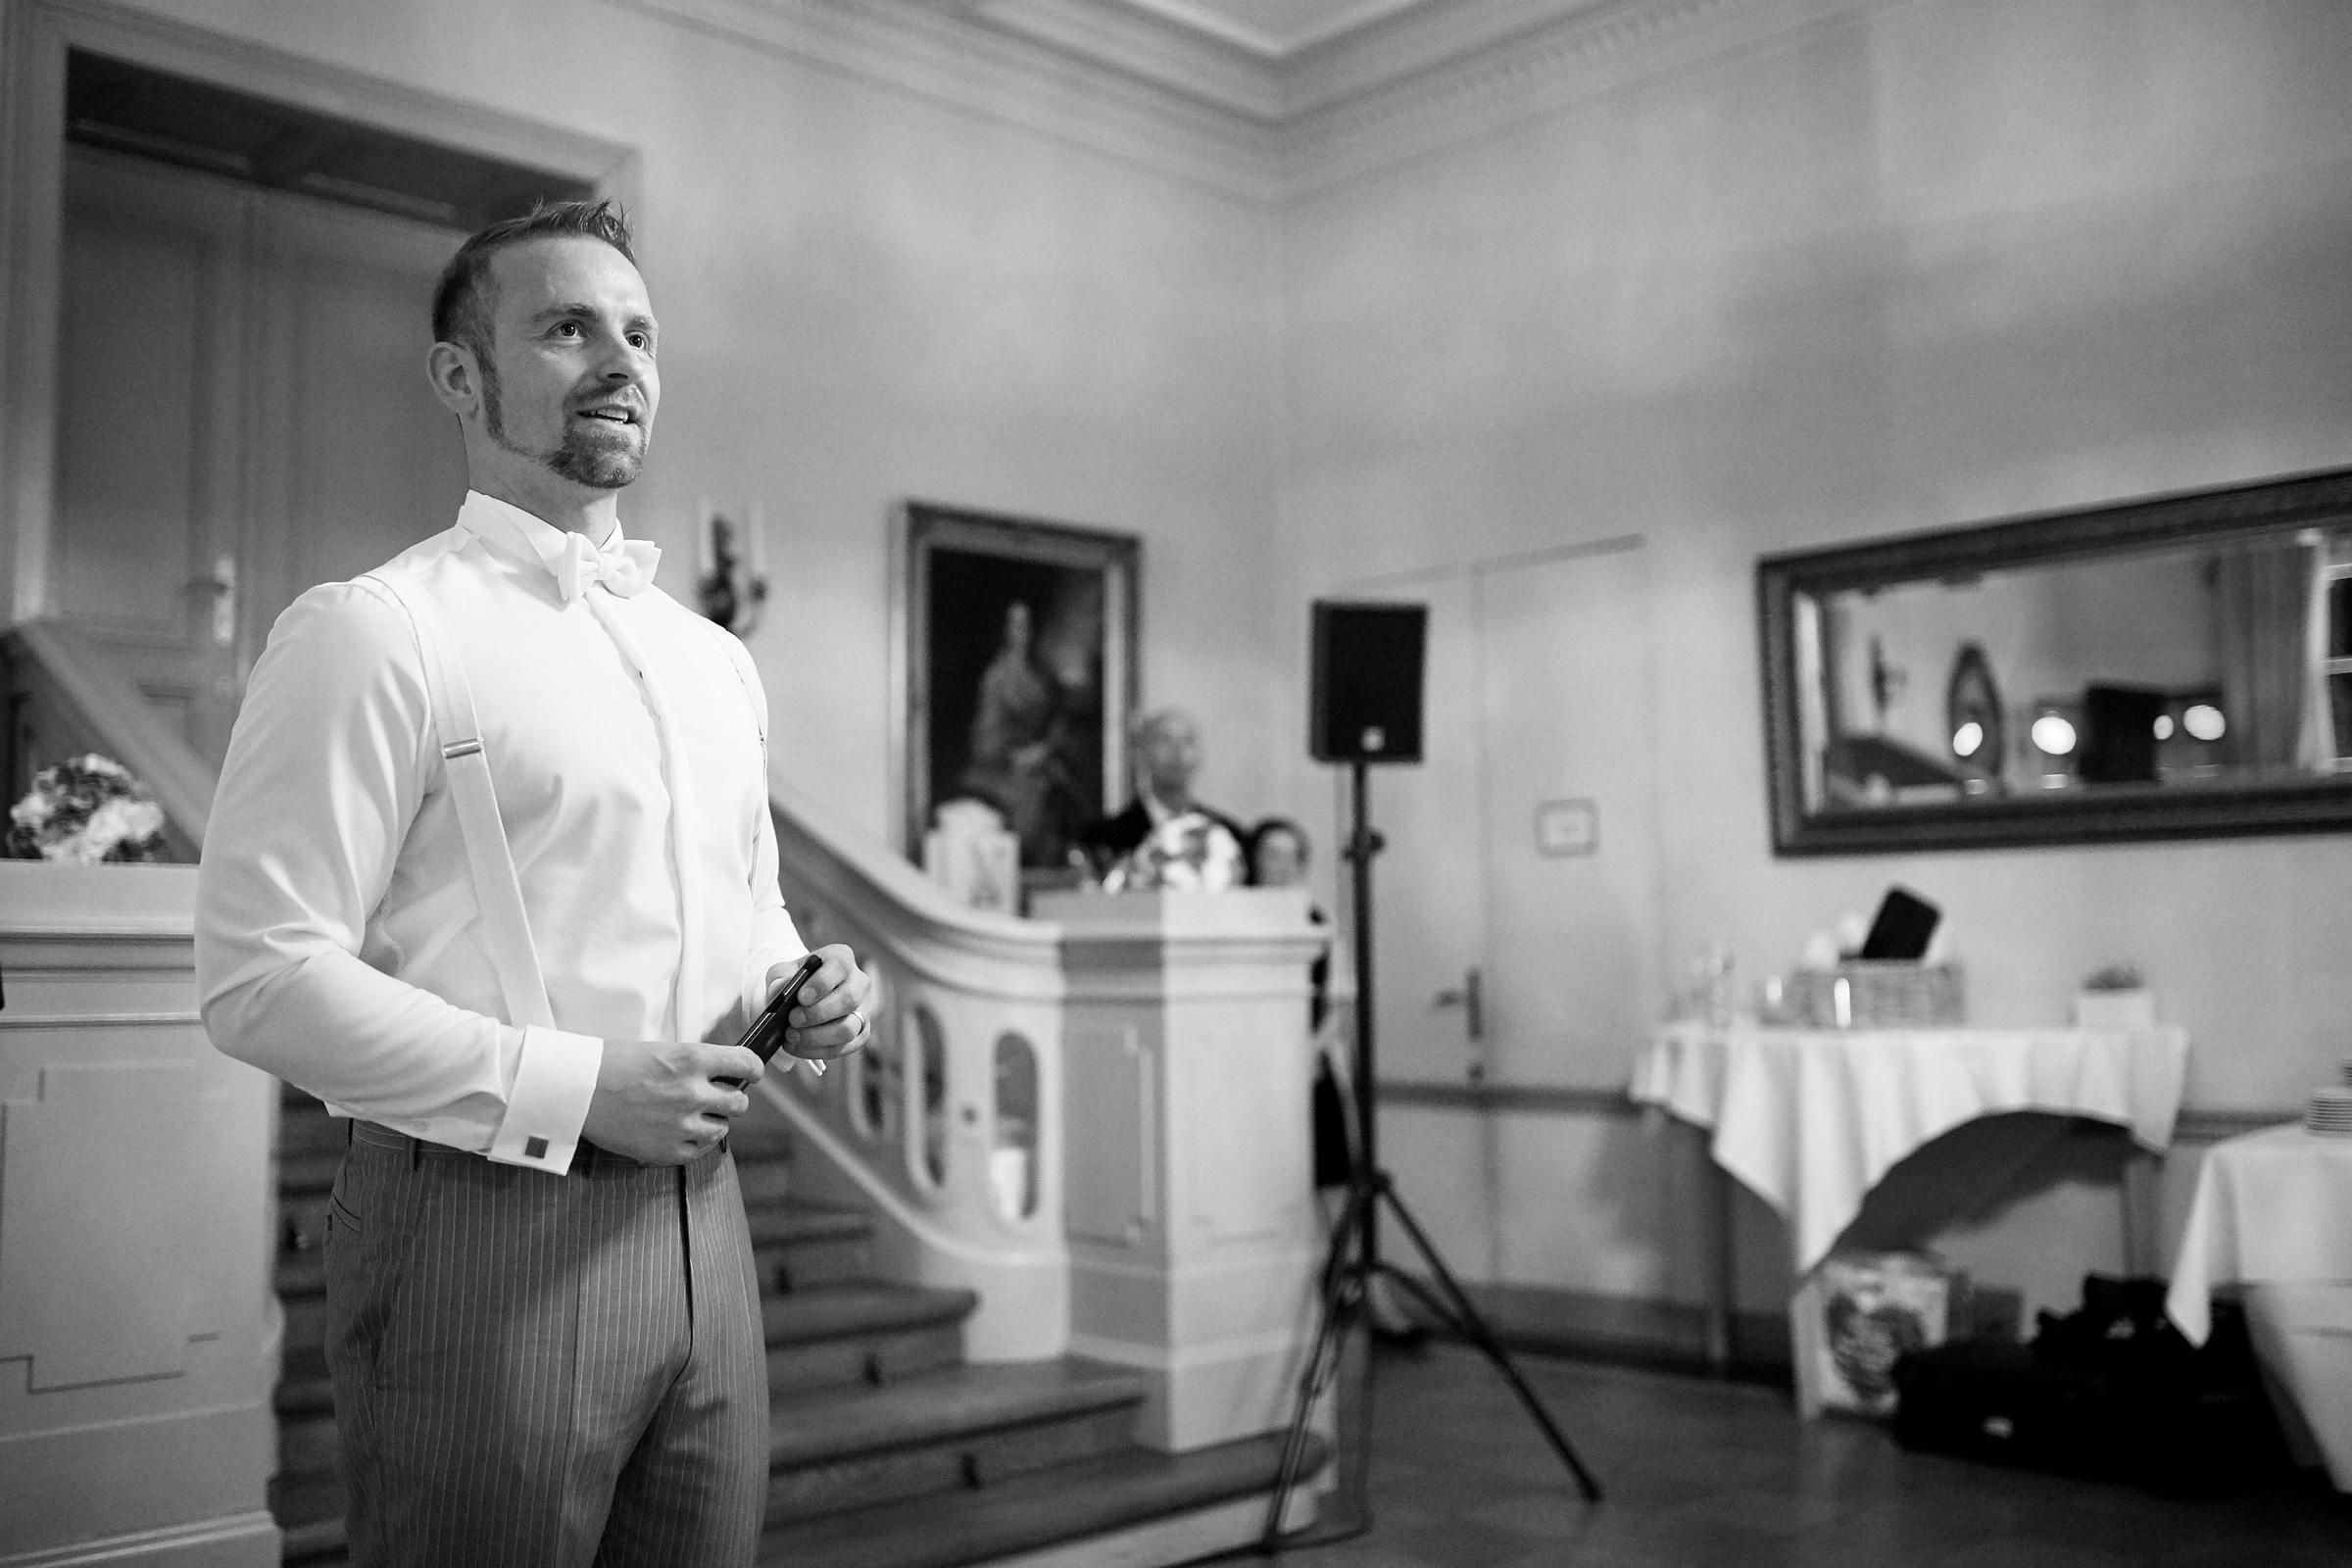 Fotografische Dokumentation der Dankesrede eines Bräutigams während der Hochzeitsfeier am Weinromantikhotel Richtershof